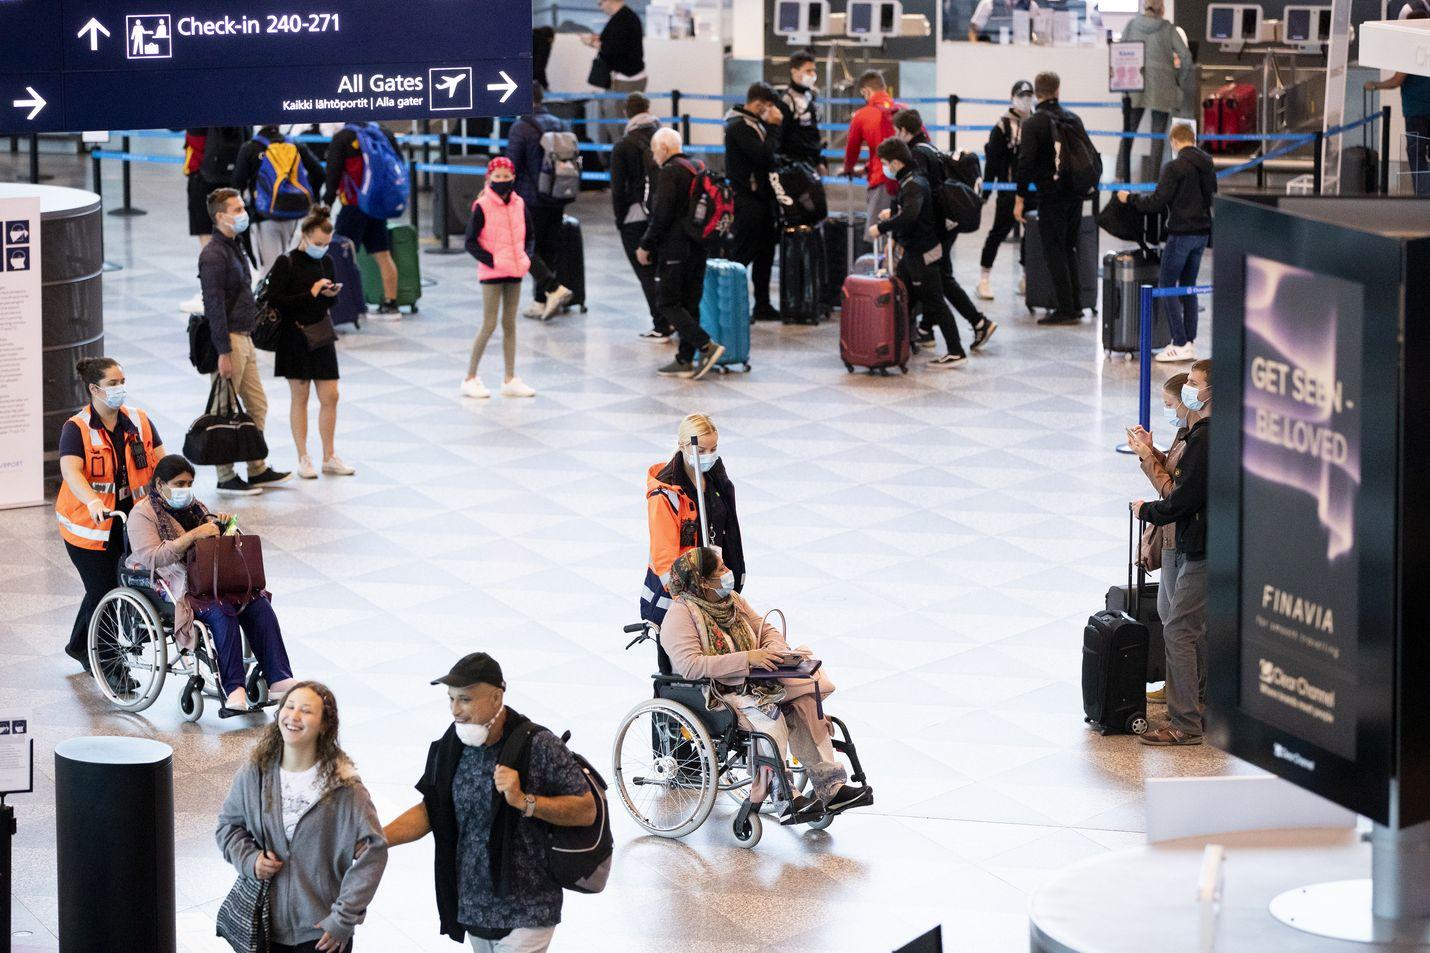 Liikenne Suomen rajoilla on vähentynyt merkittävästi syksyn aikana, kun matkustusrajoituksia on kiristetty pahenevan koronapandemian takia. Helsinki-Vantaalla tarkastettu matkustajamäärä on nyt yli 15 000 henkilöä vähemmän viikossa kuin kuukausi sitten.